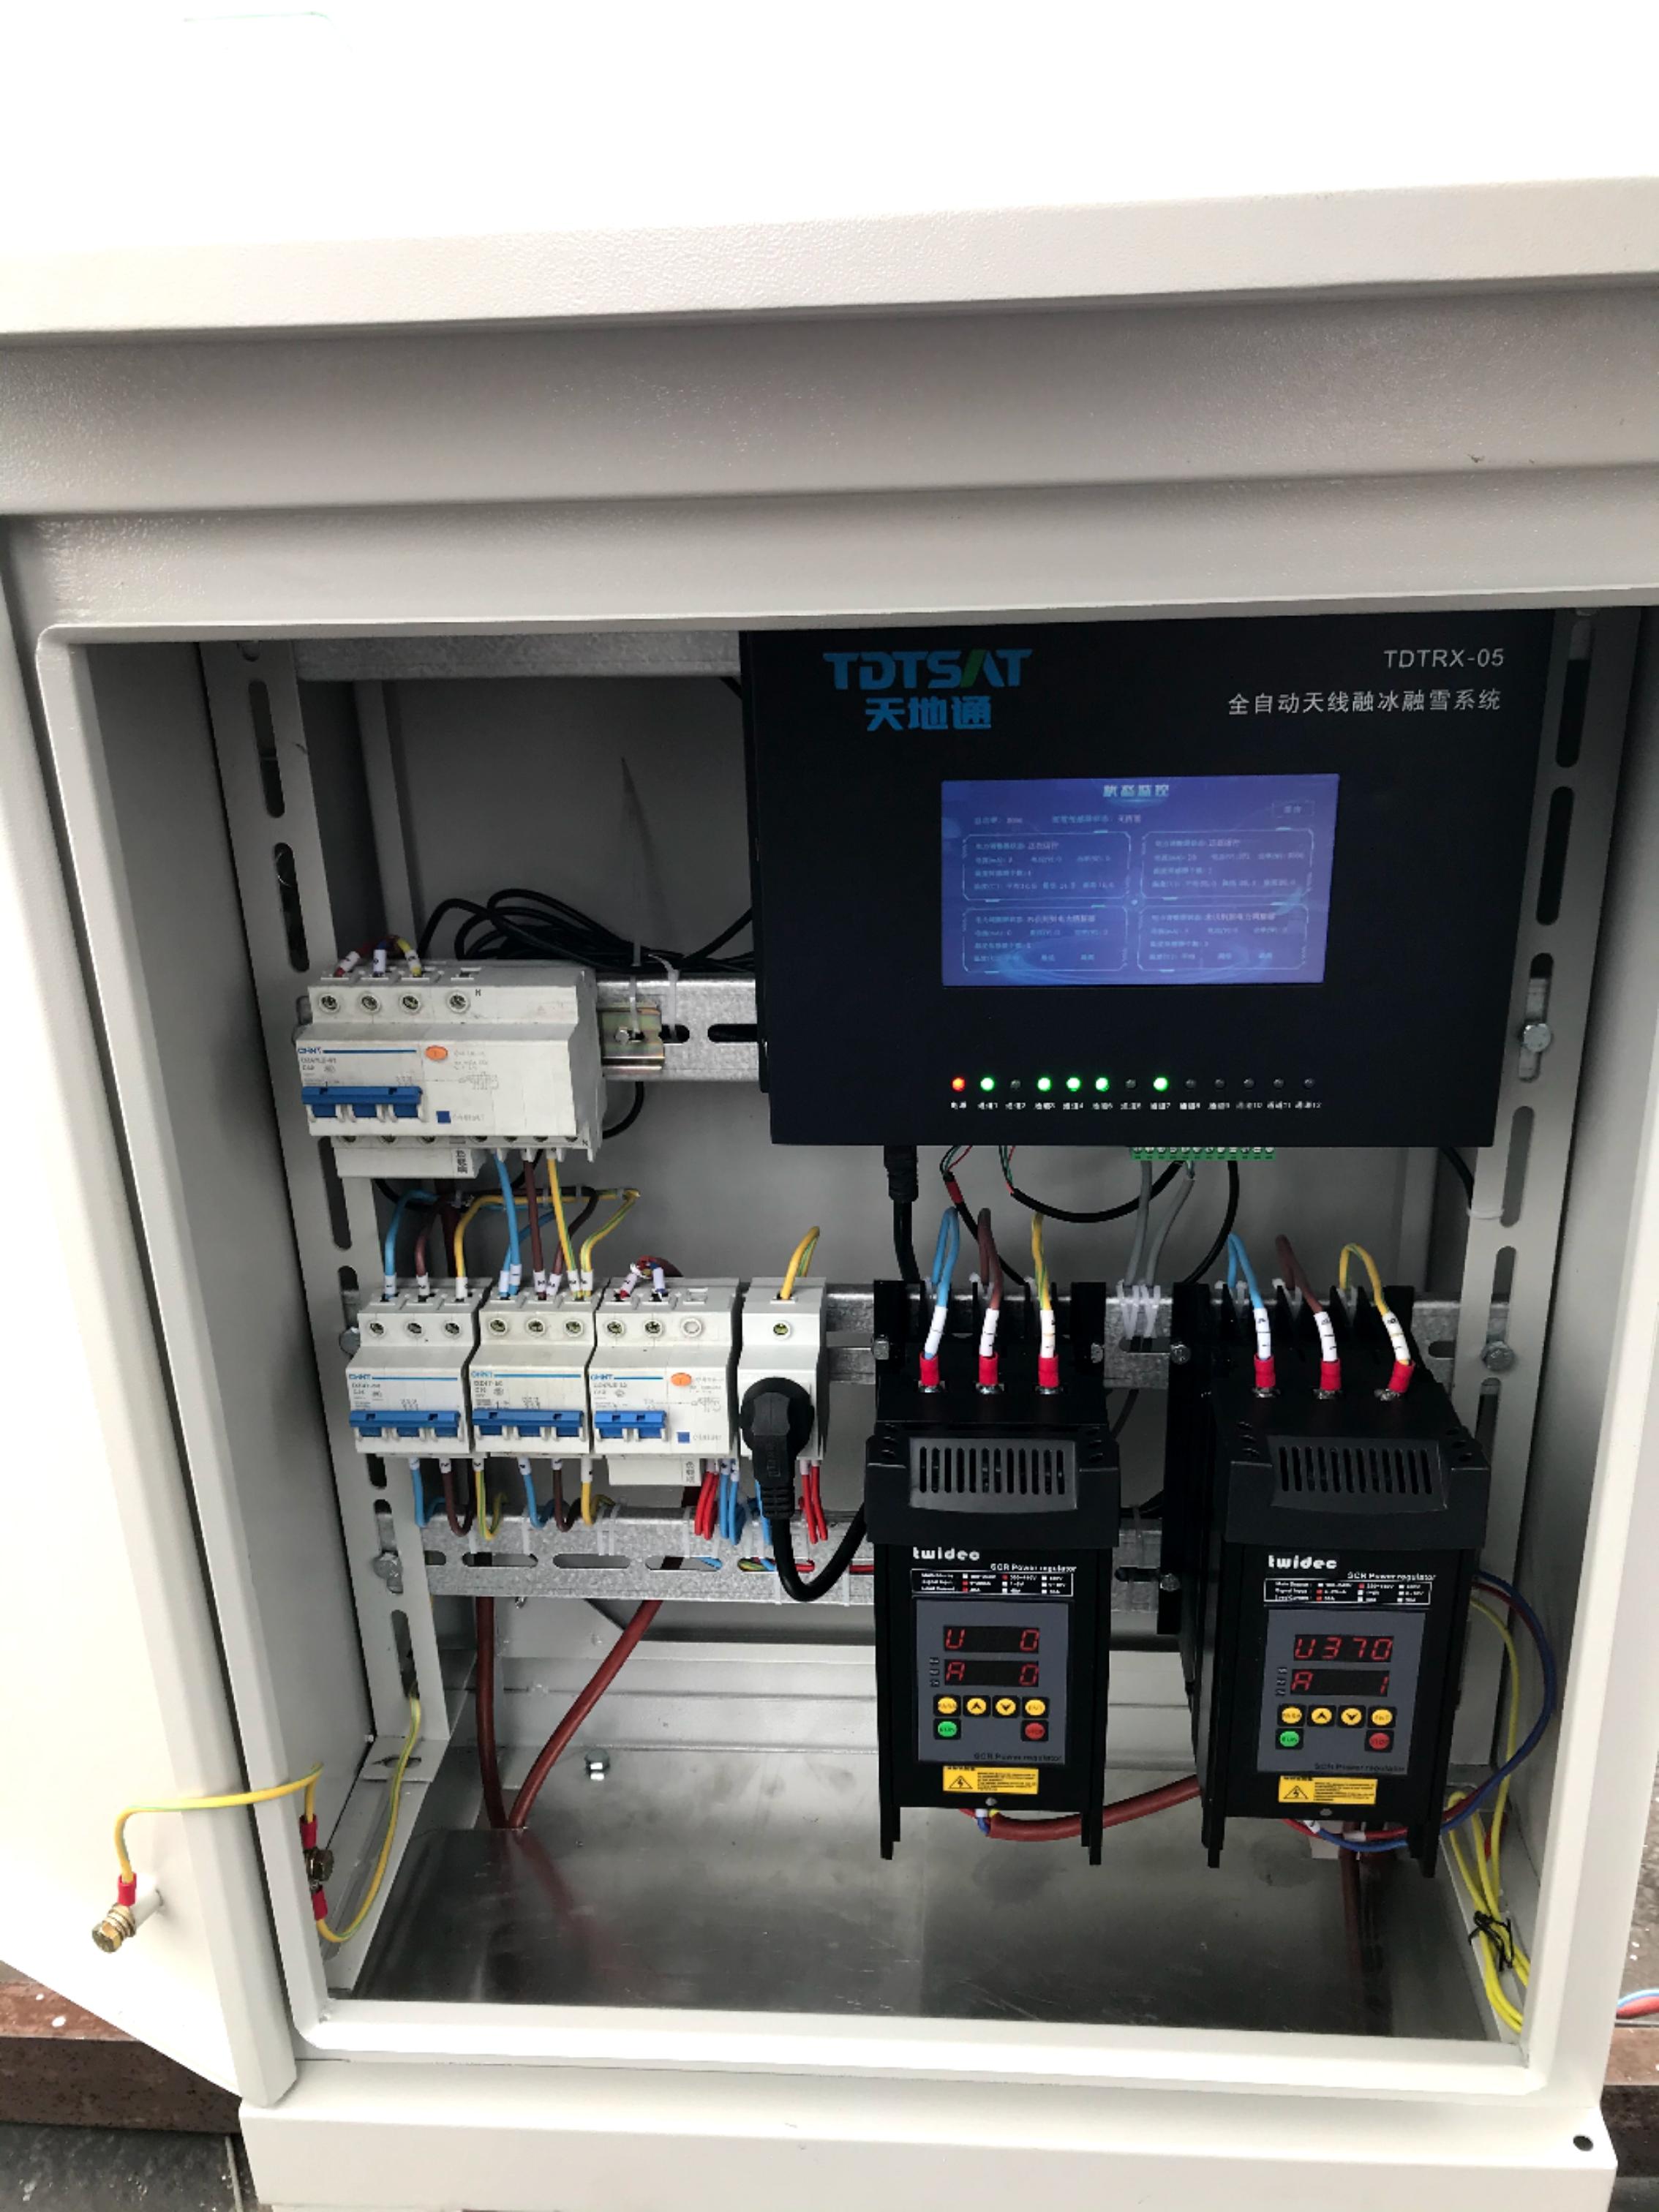 TDTRX-05全自動天線融雪融冰系統